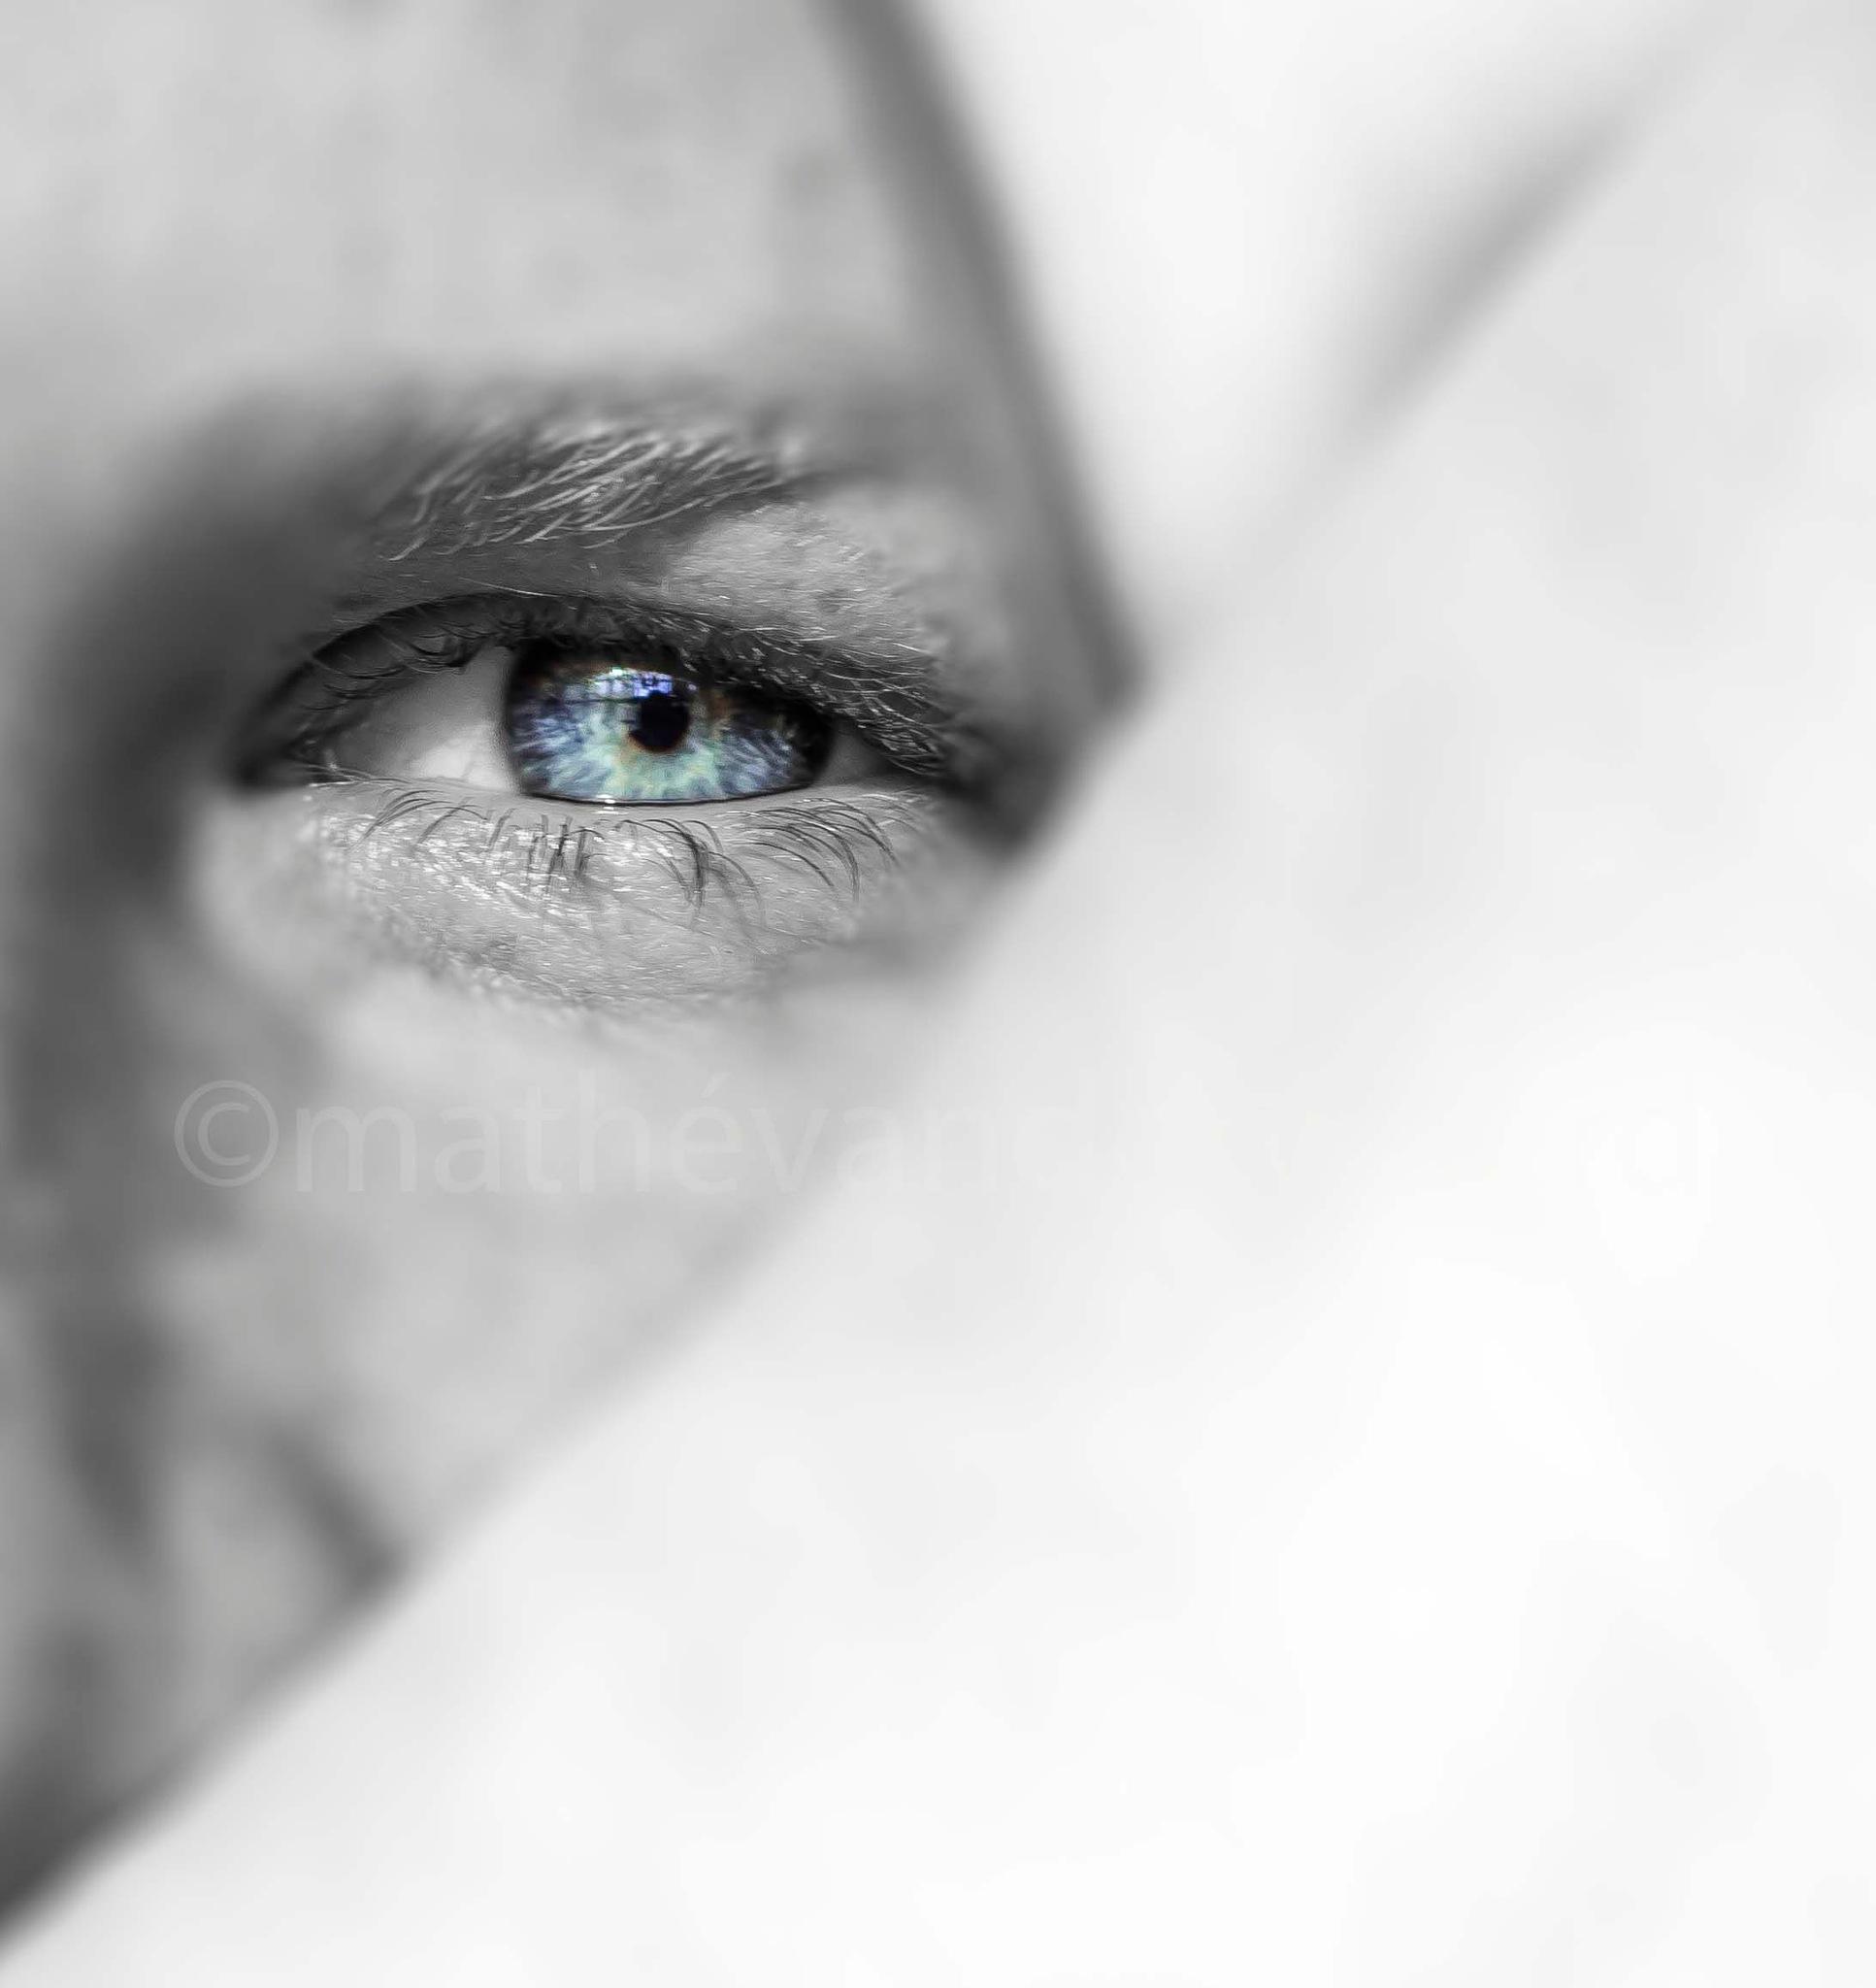 Black eye by mathé van der woerd